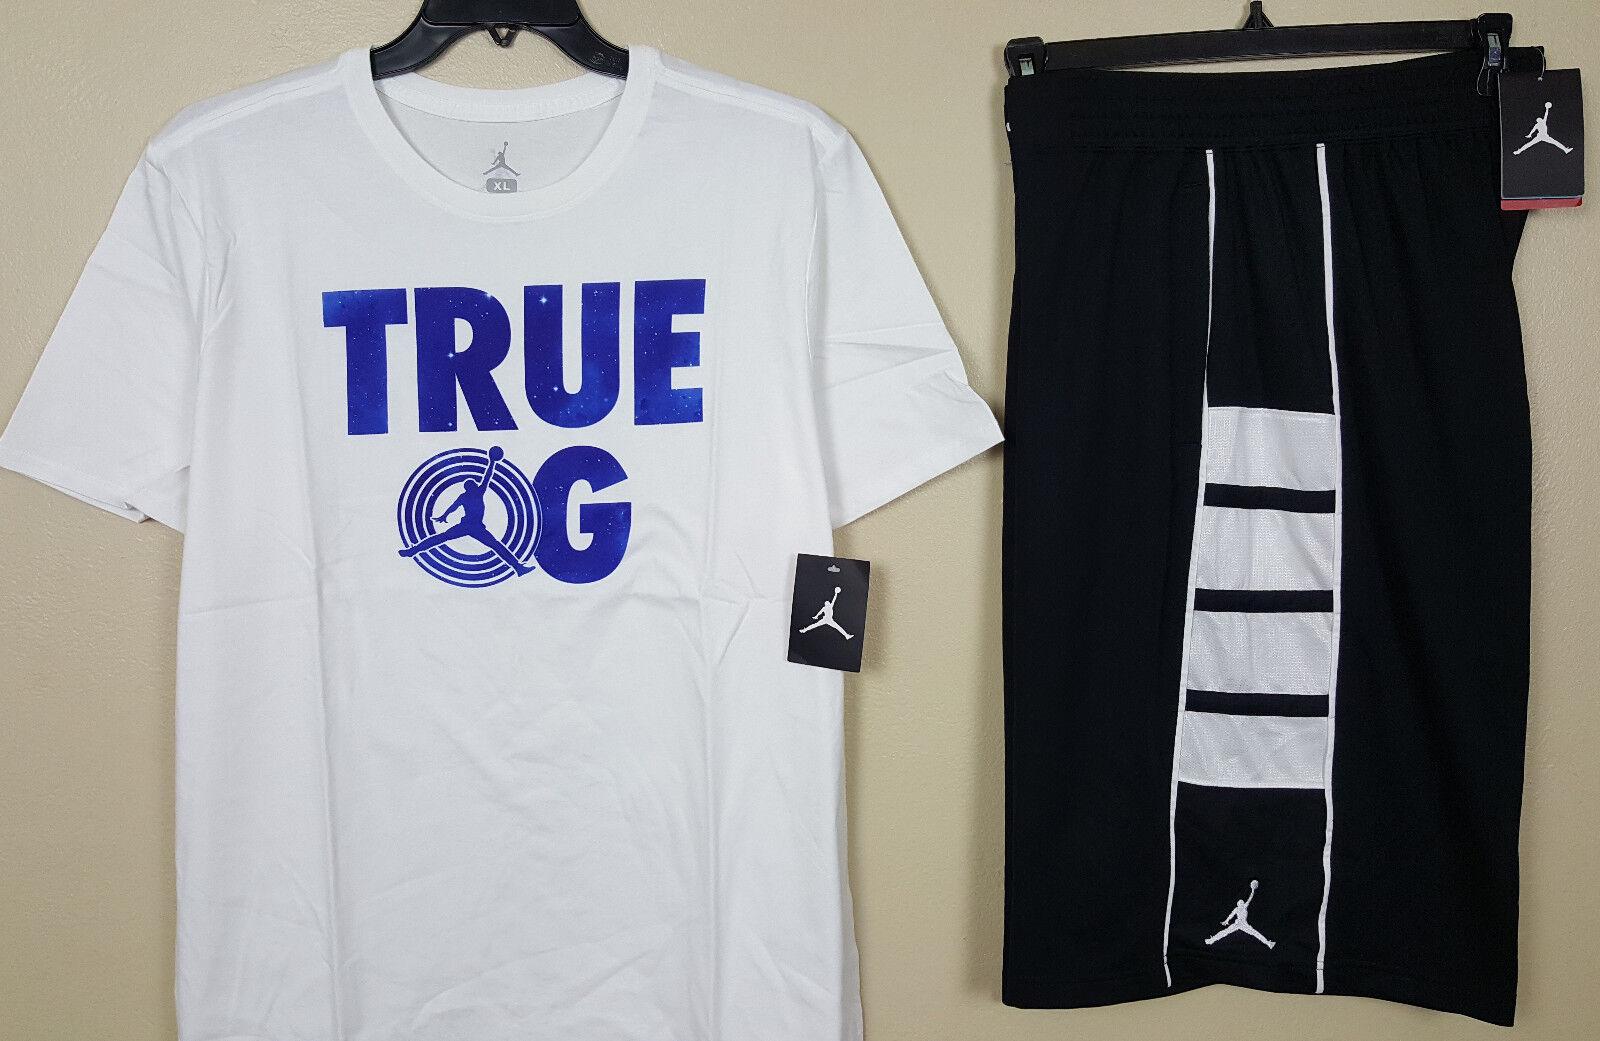 0efe2e9b8d7822 Nike Jordan Retro 11 True OG Outfit Shirt Shorts White Blue RARE ...